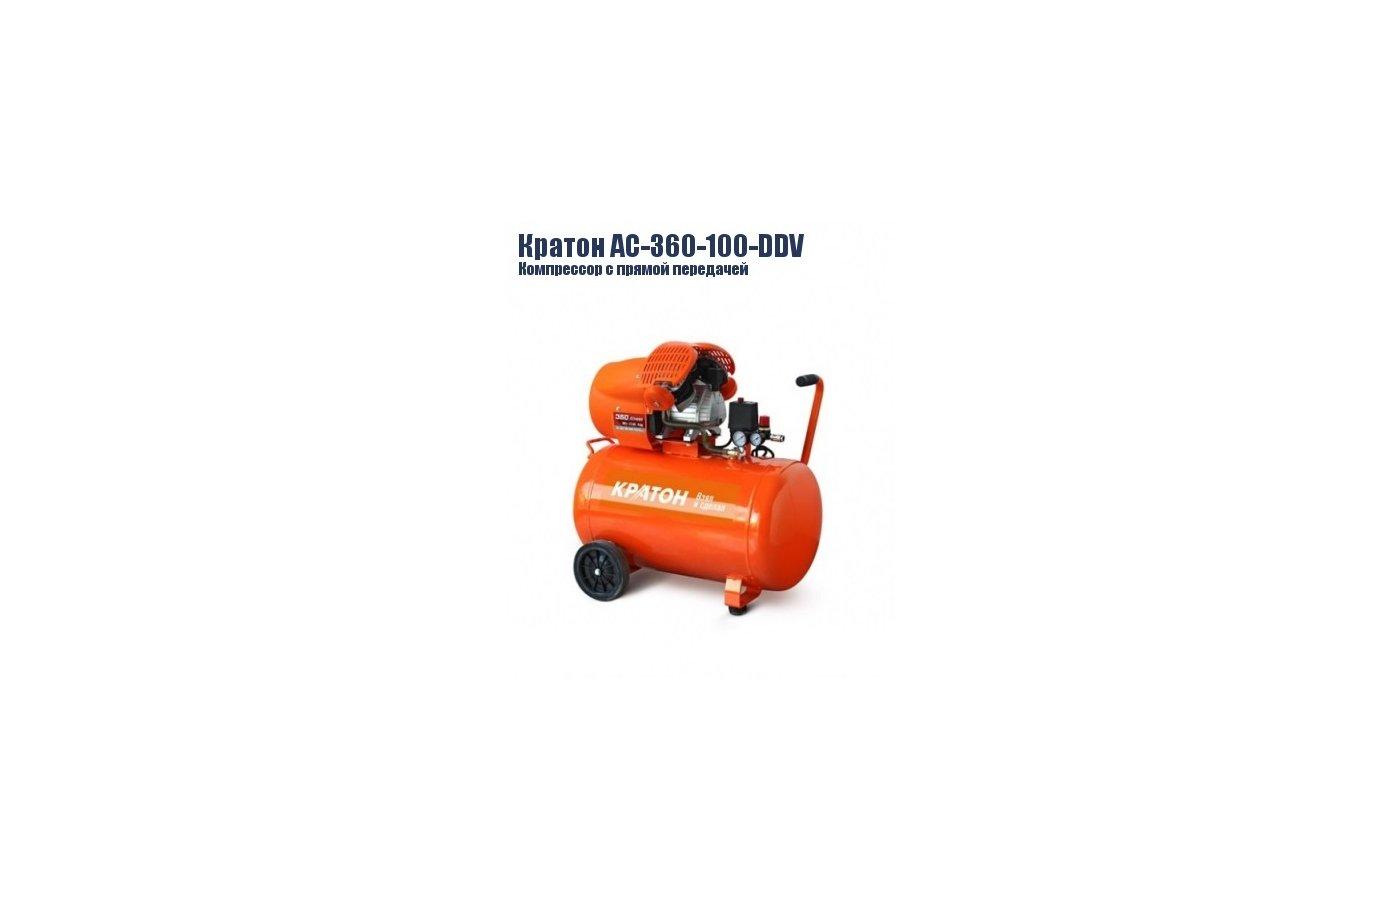 КРАТОН AC-360-100-DDV